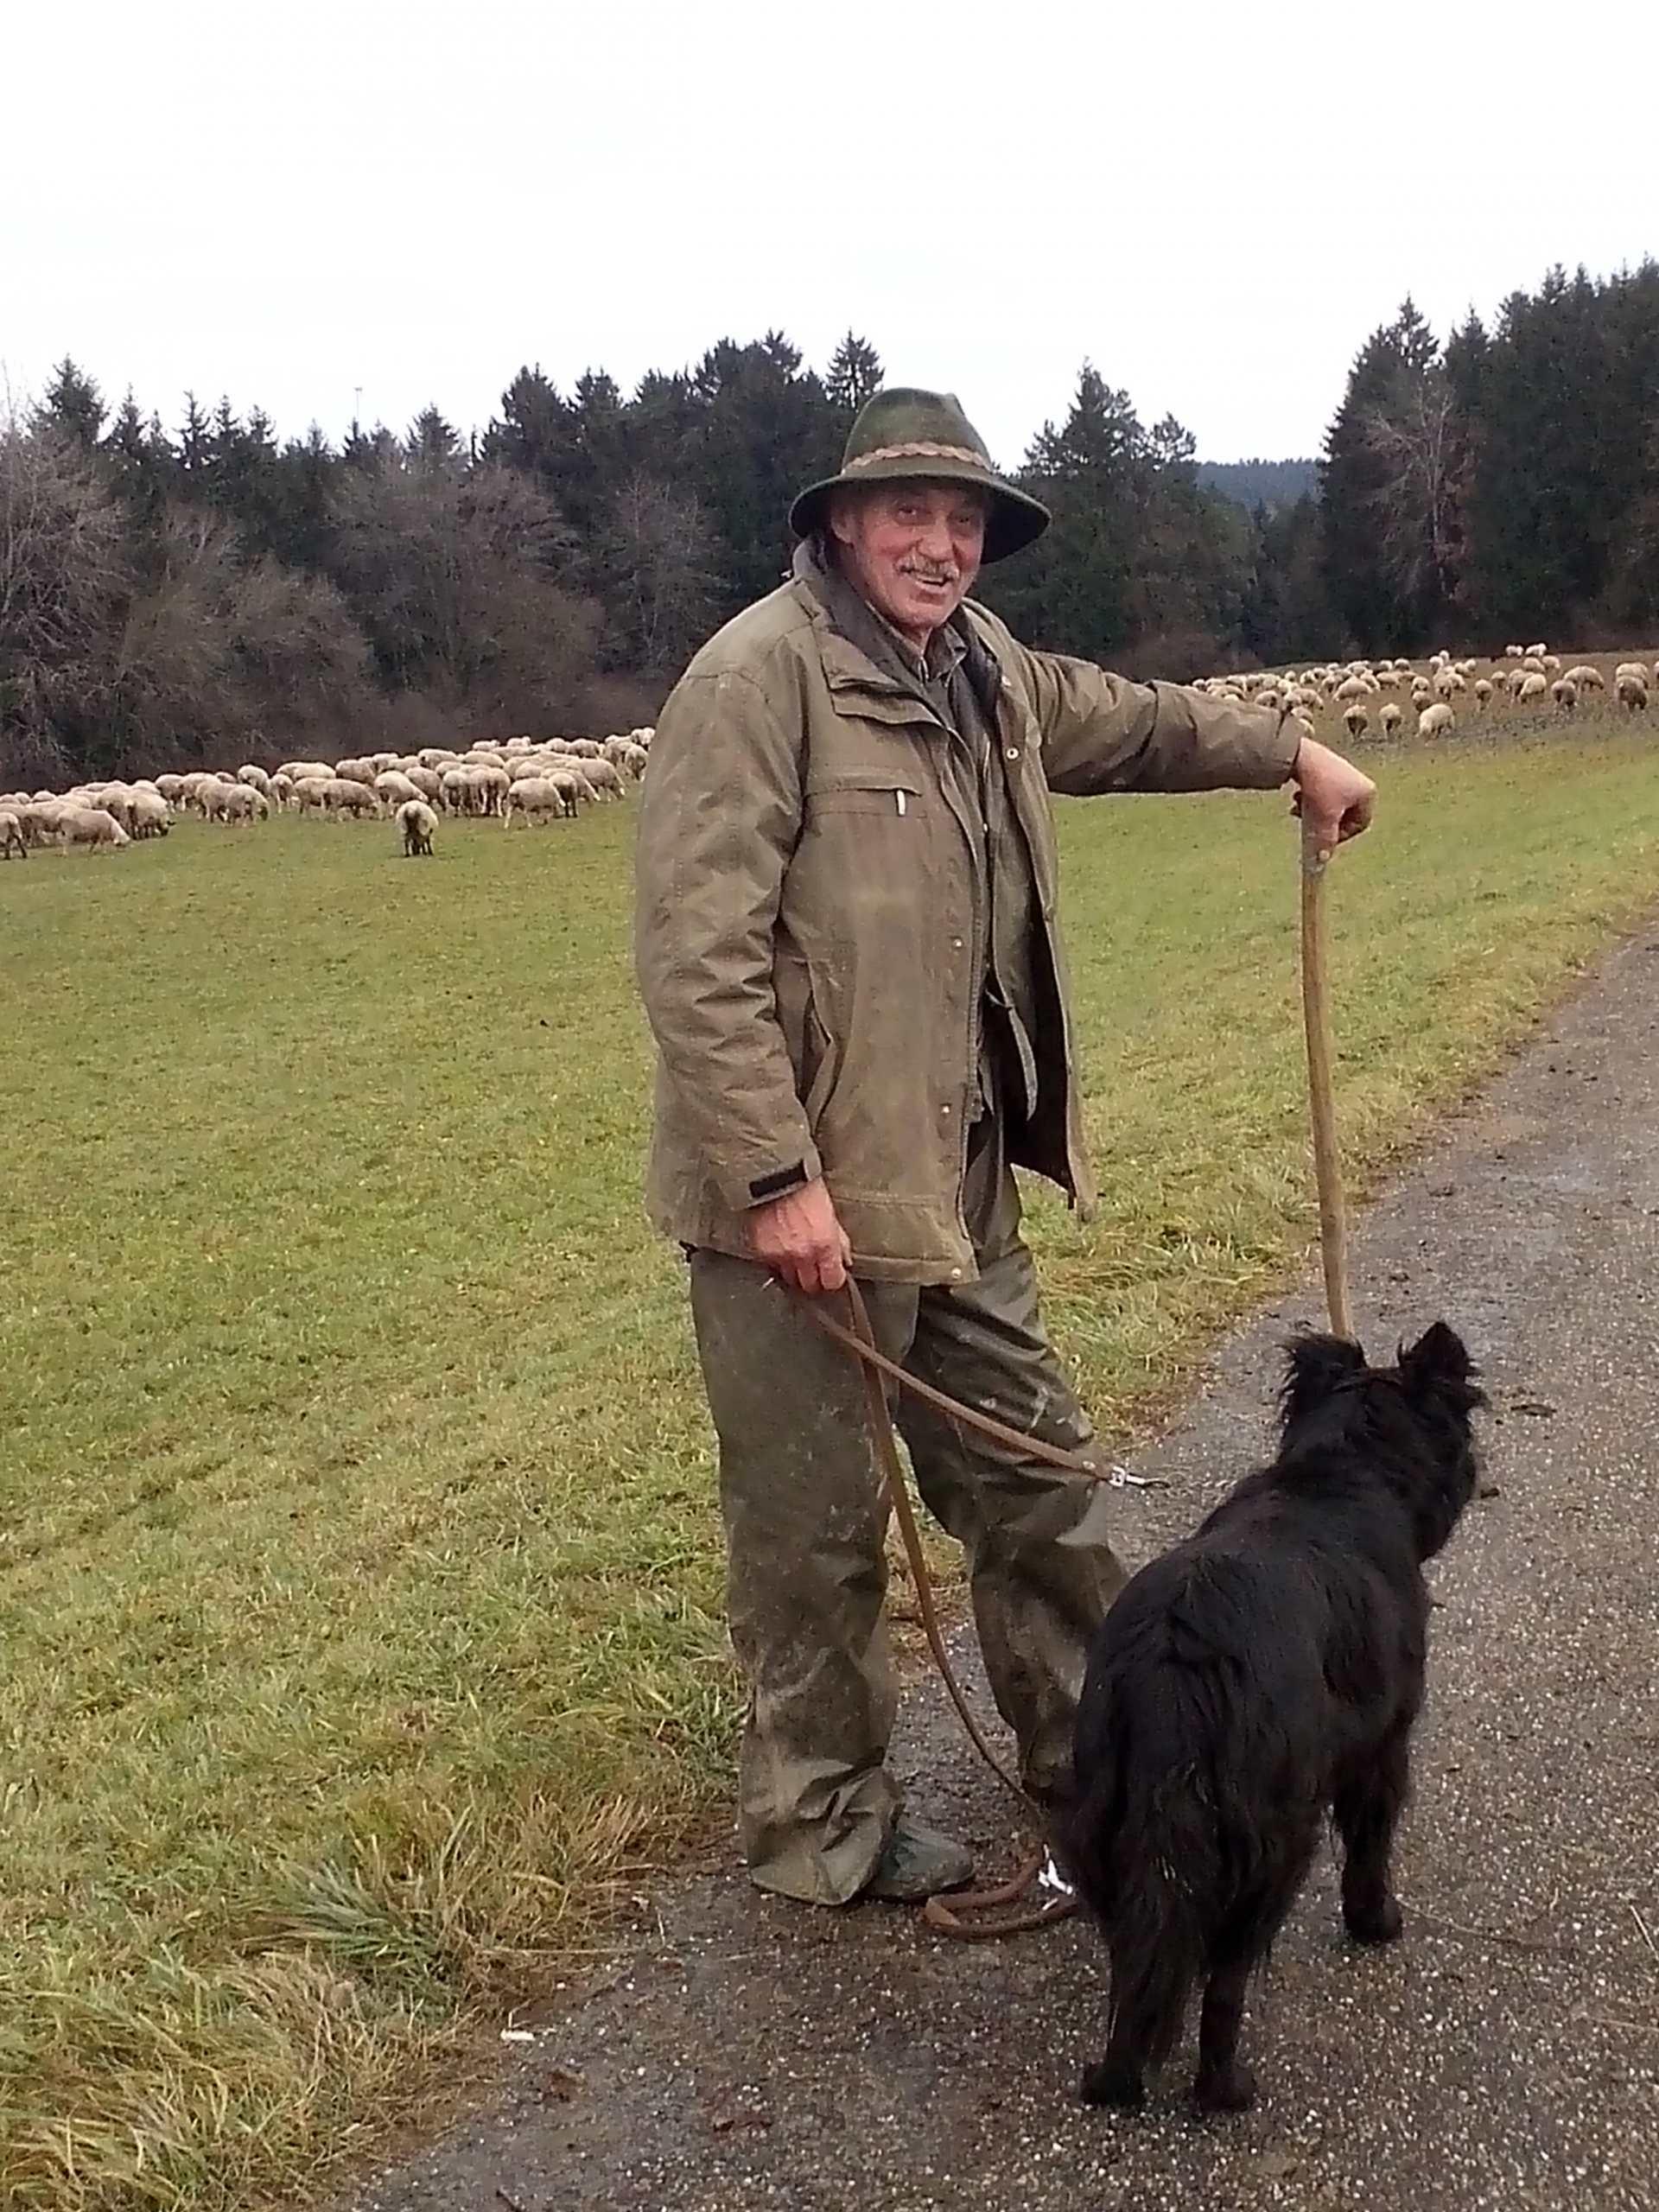 Schäfer, bekleidet mit Hut und regenfester, brauner Kleidung, und Hütehund, im Hintergrund am Waldrand eine große Herde Schafe